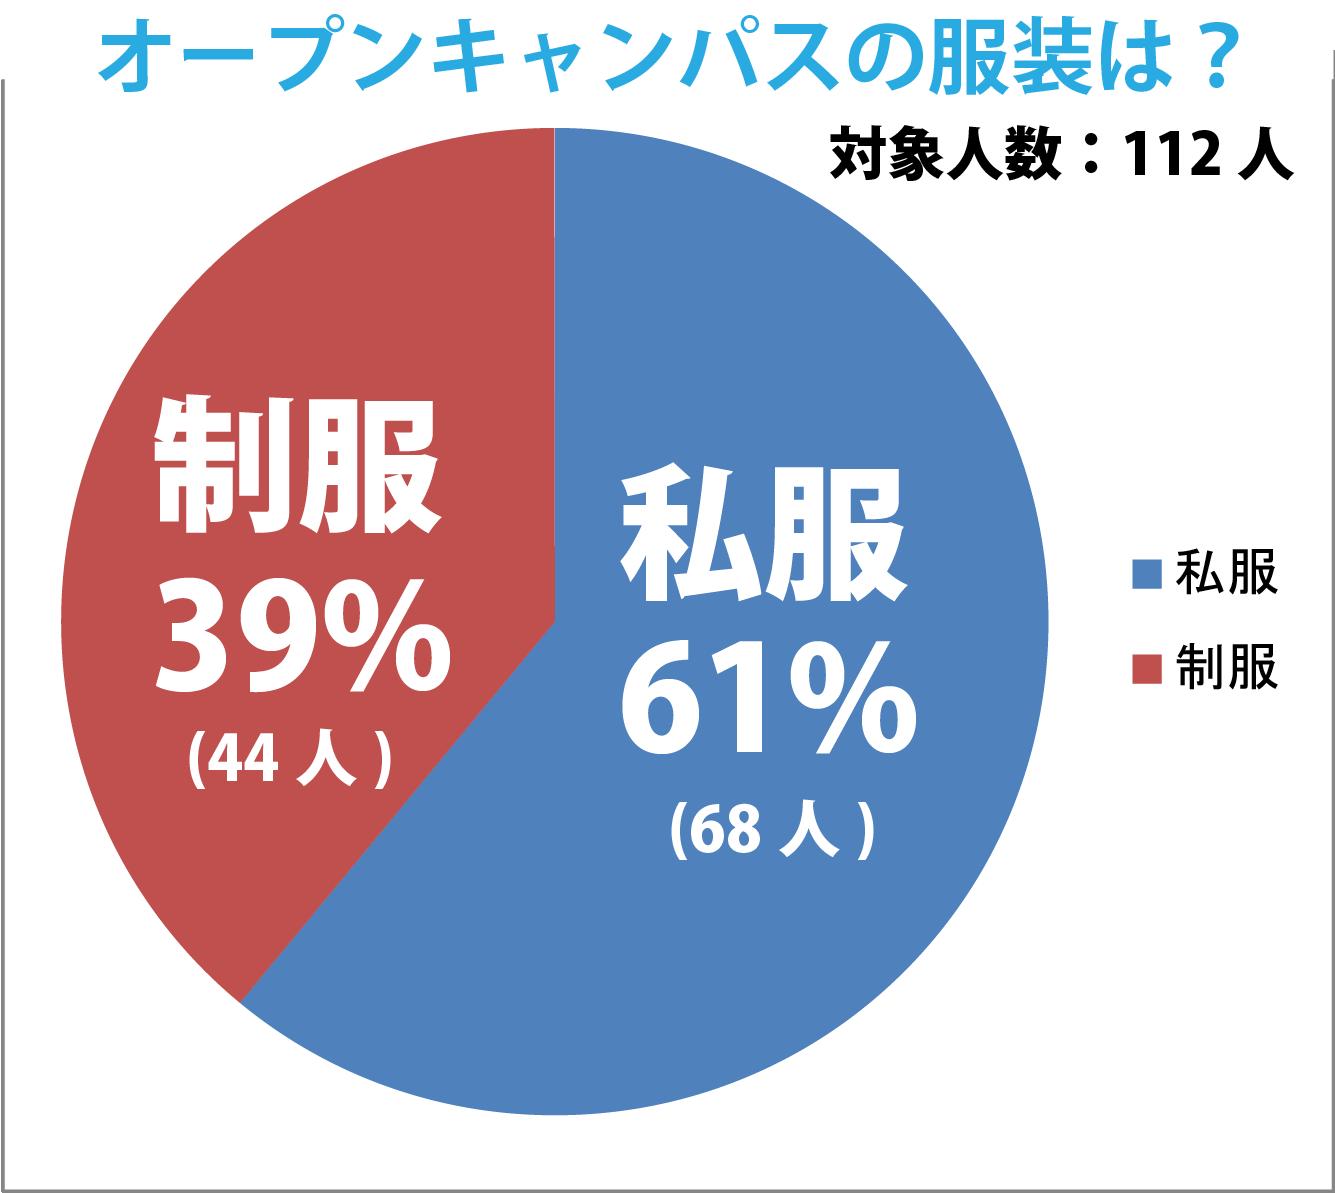 オープンキャンパス服装円グラフ